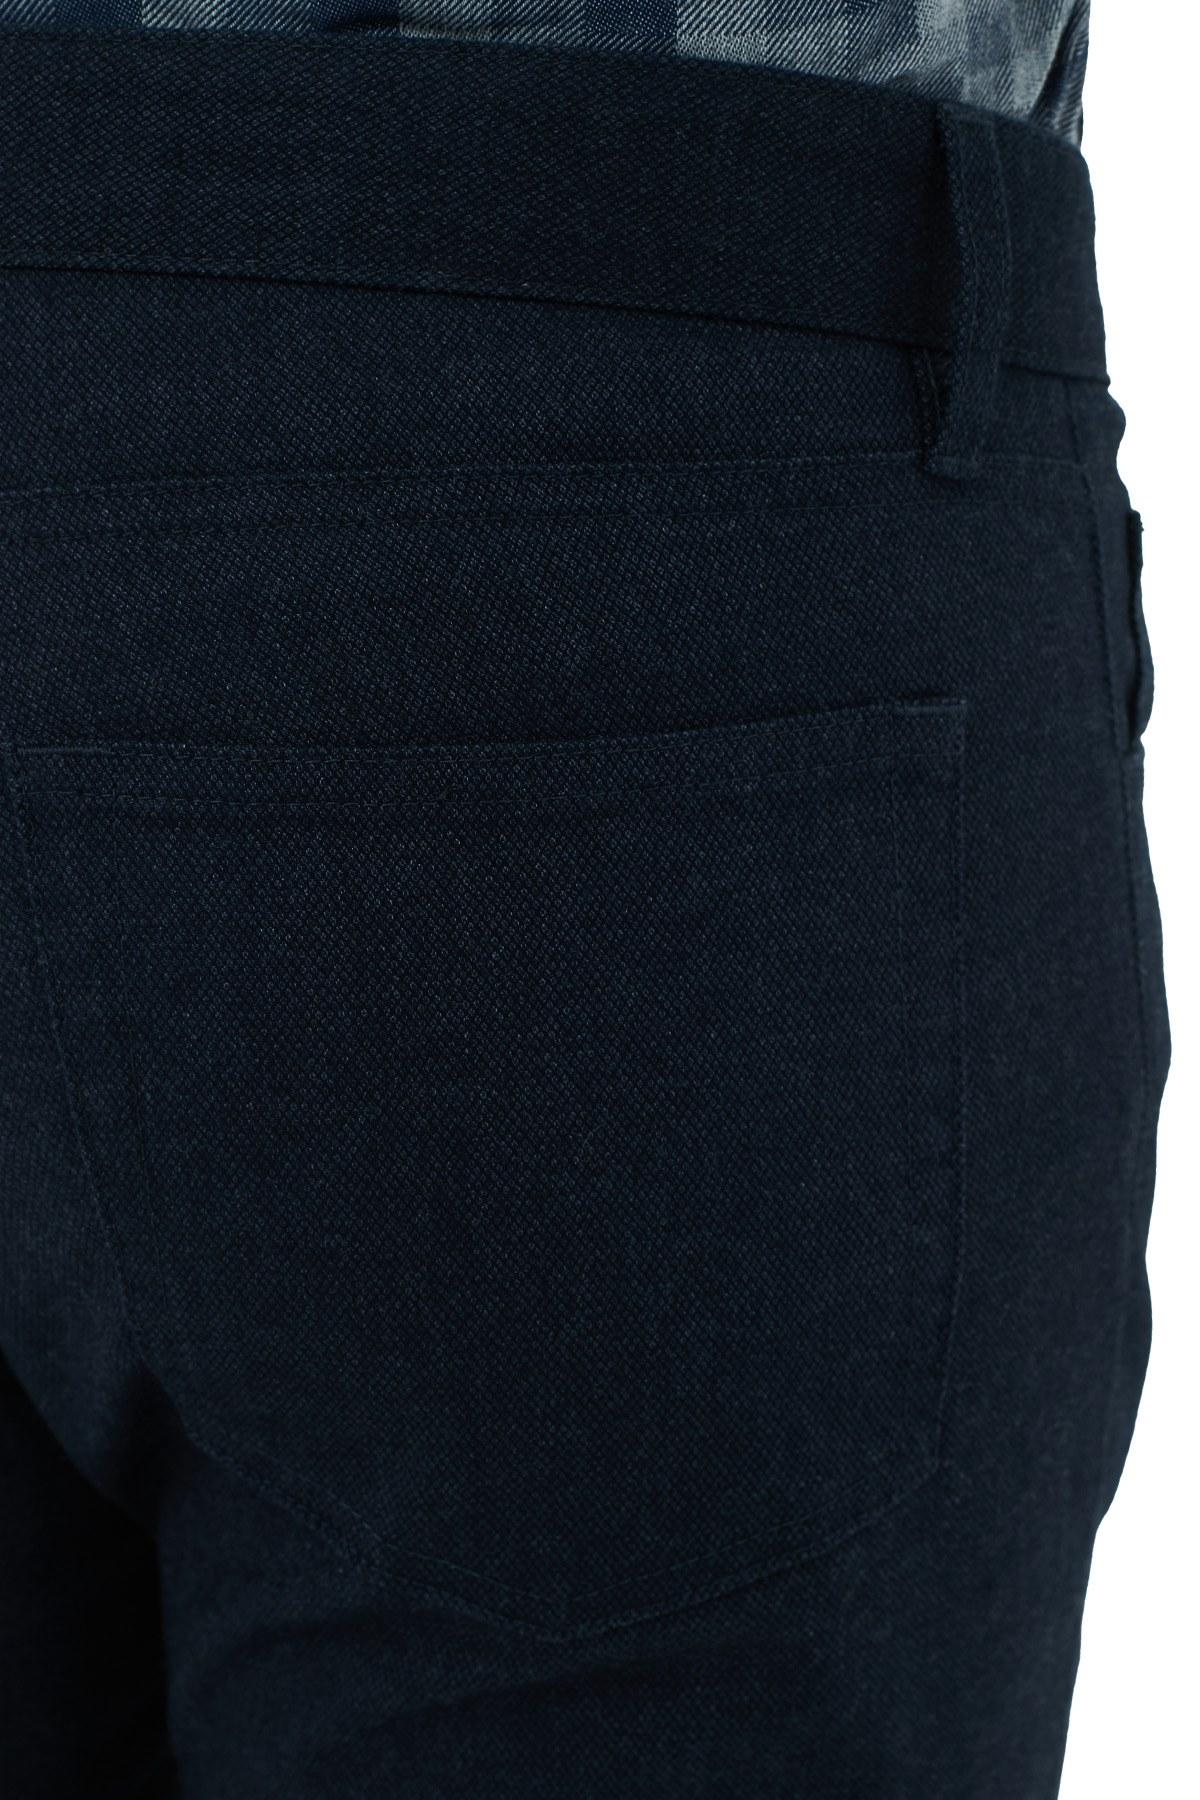 Lacoste Slim Fit Cepli Erkek Pantolon HH2107 07L LACİVERT